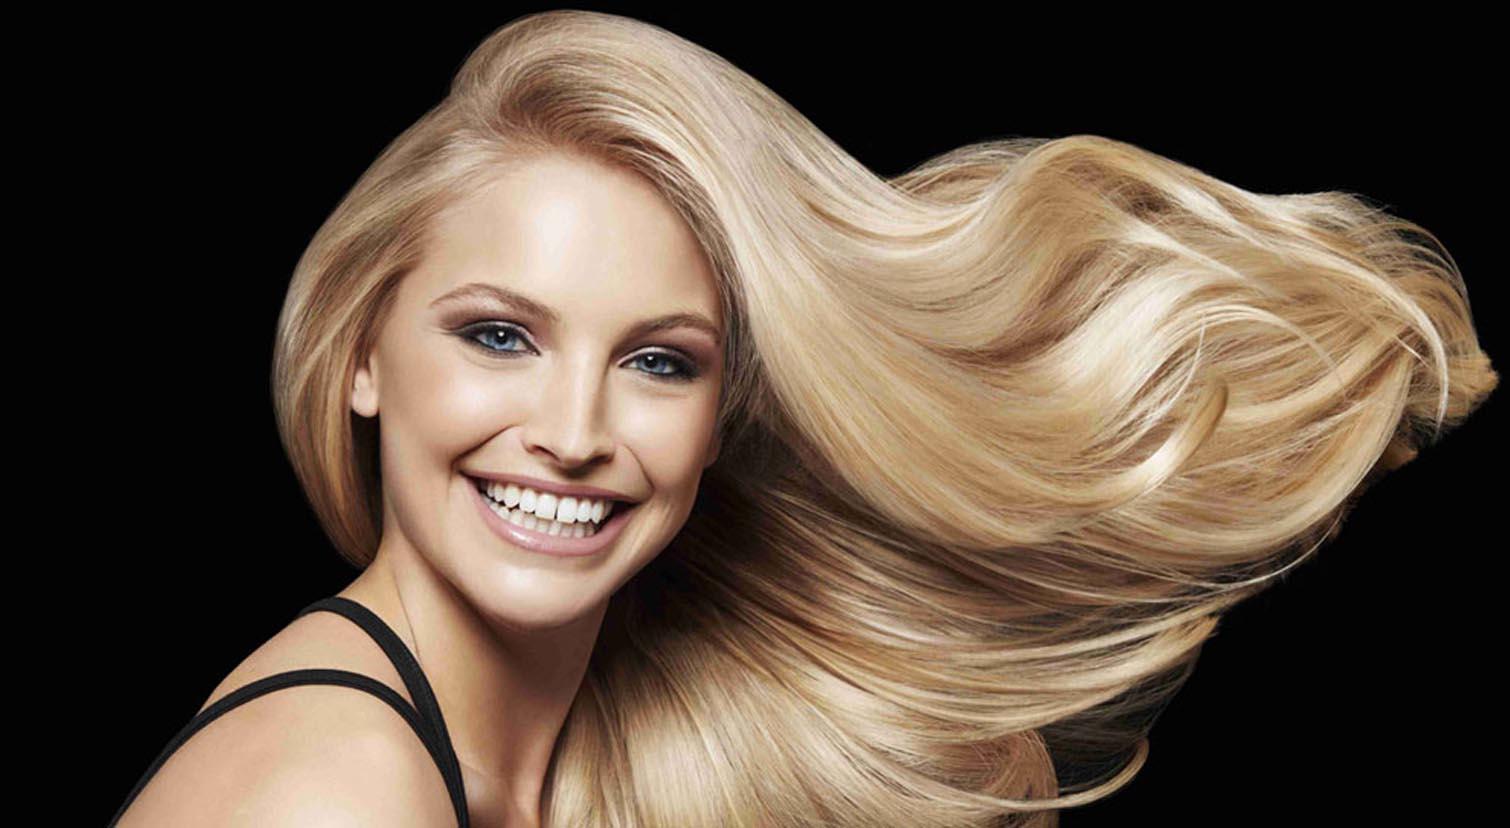 salon de coiffure, Coiffure EG beauté, coiffure femme, coupe cheveux beloeil, coupe cheveux montérégie,